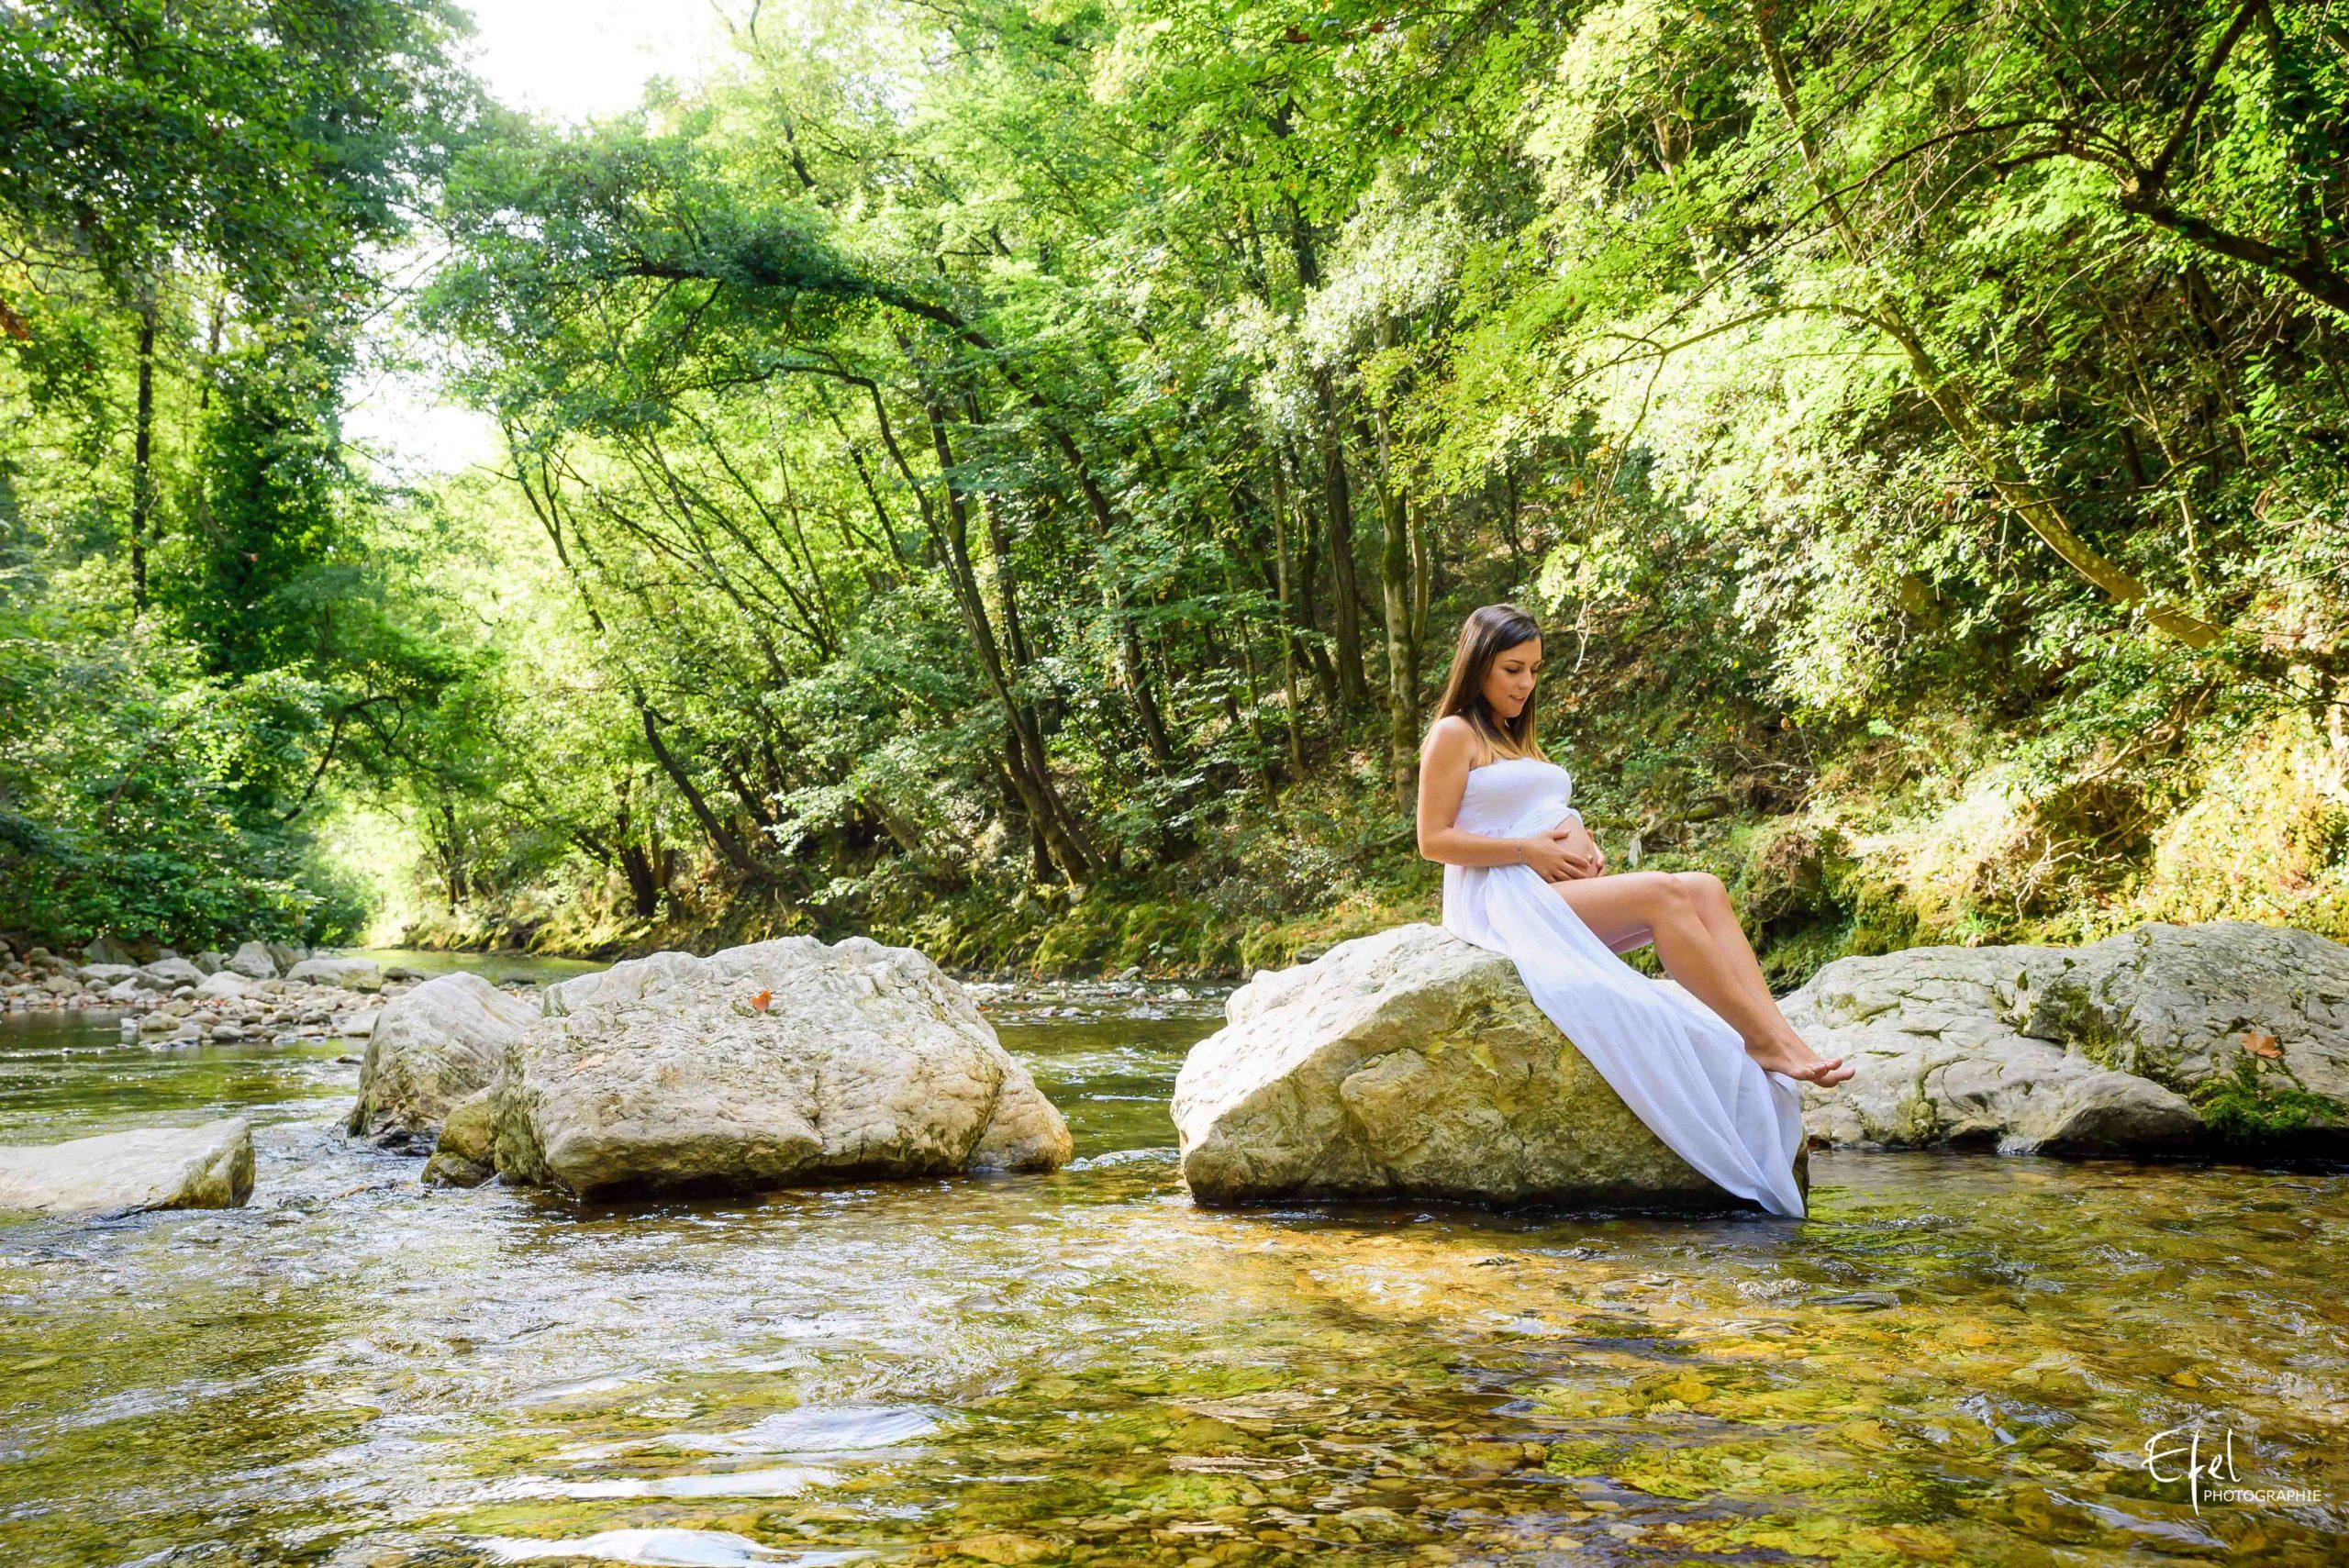 Photographe grossesse embrun shooting femme enceinte en nature près d'une rivière